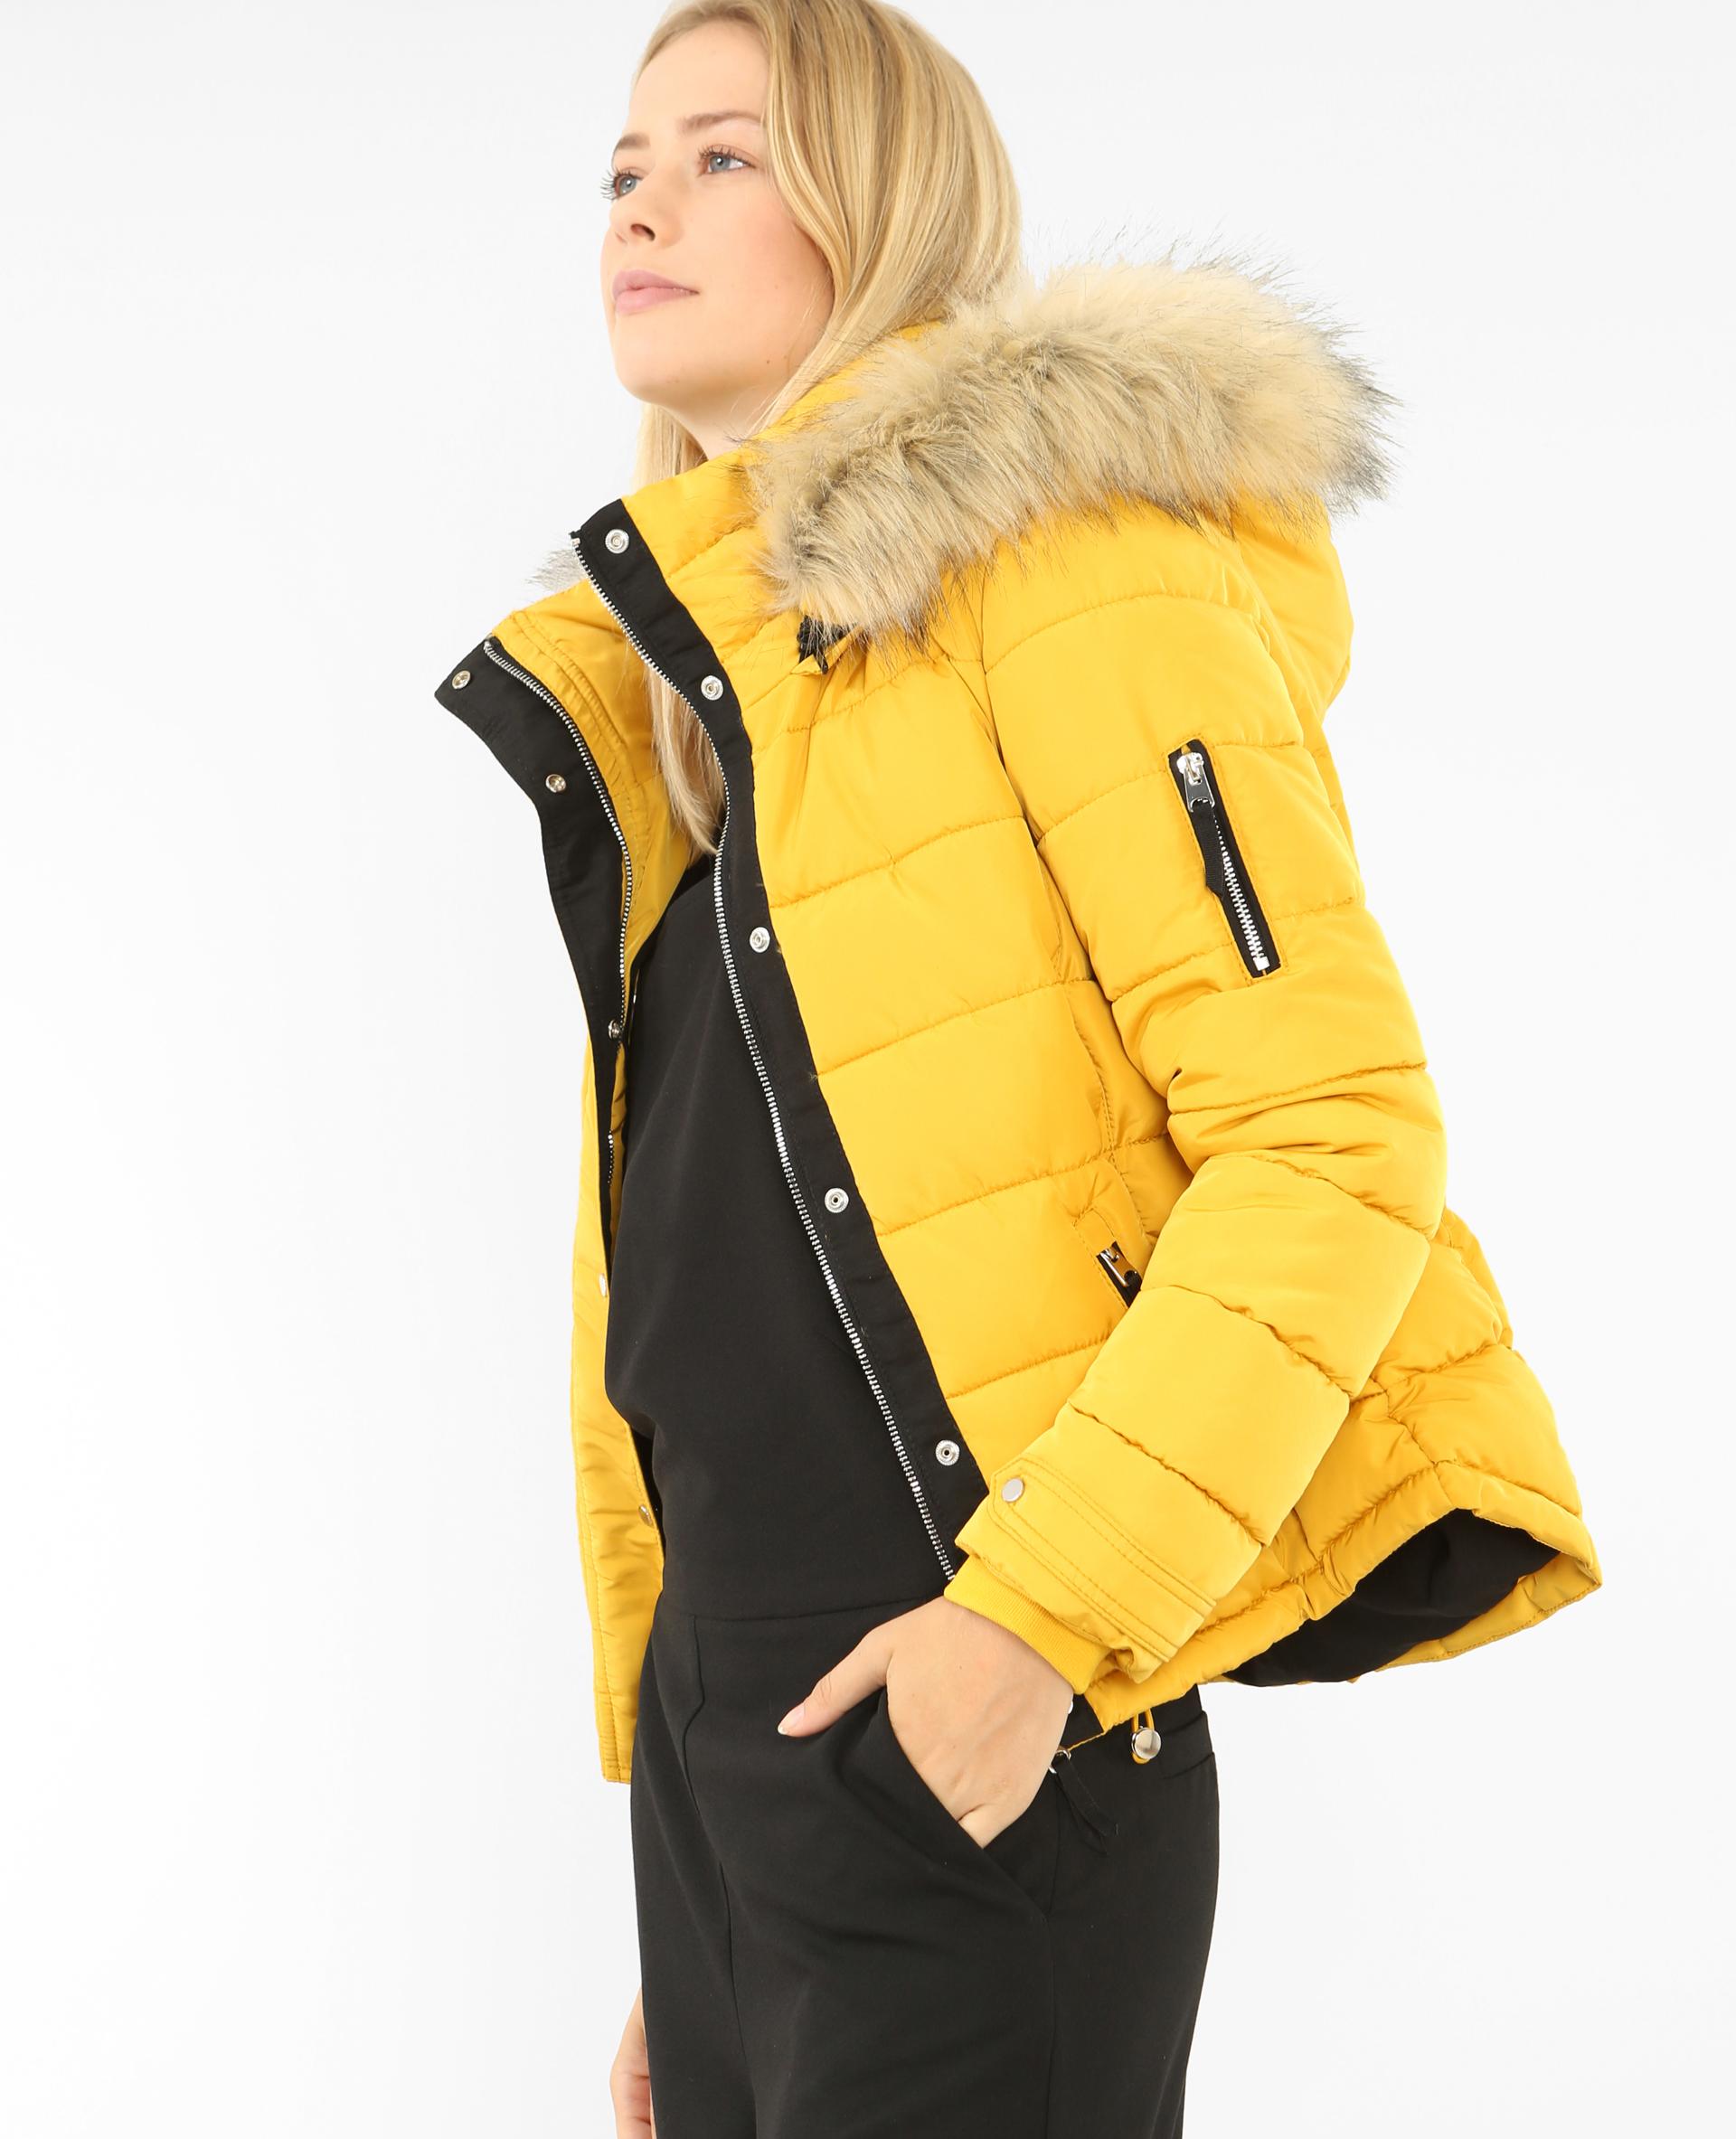 Pimkie veste en cuir jaune